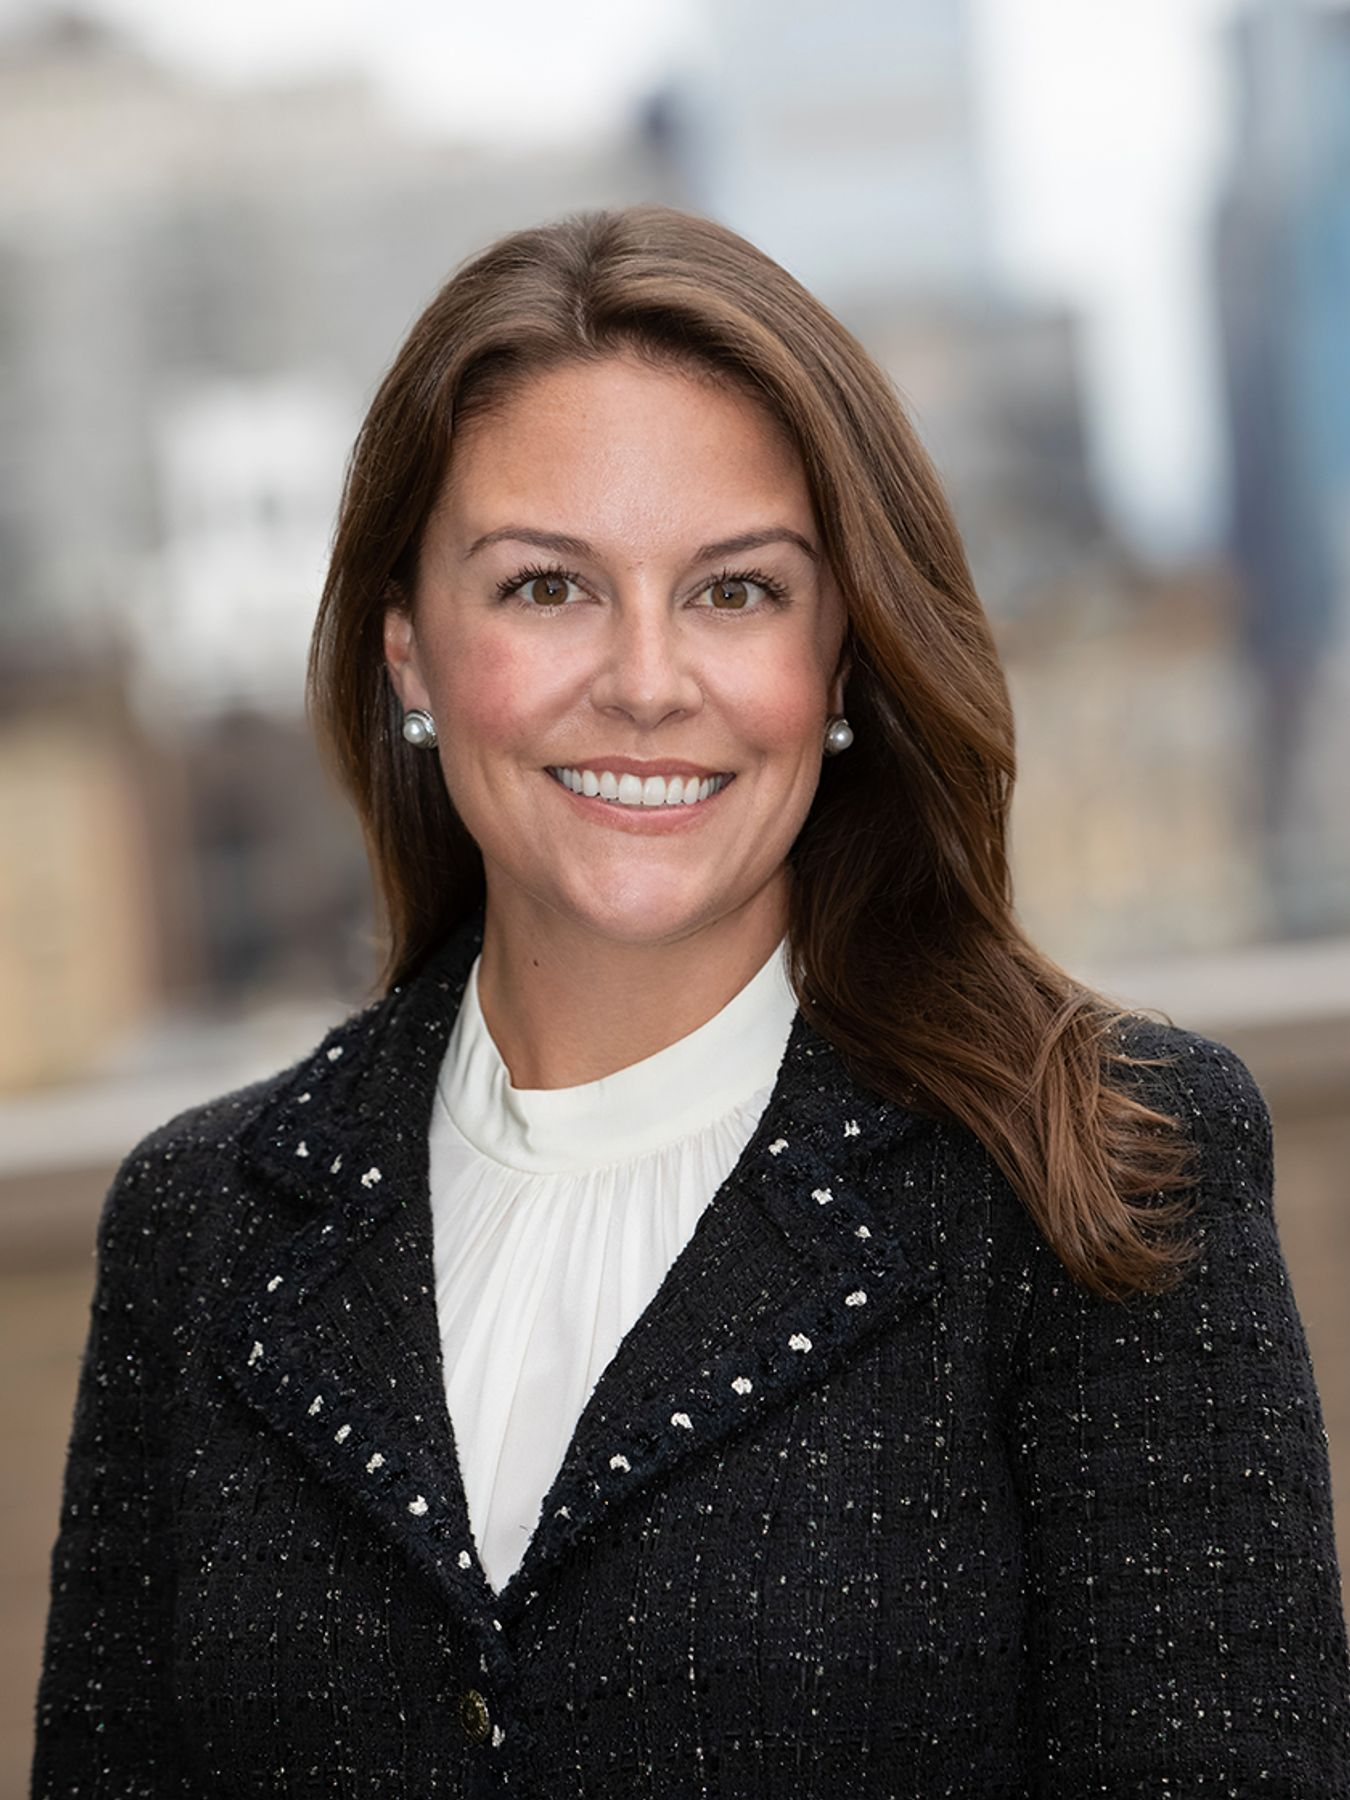 Katherine Rosbottom